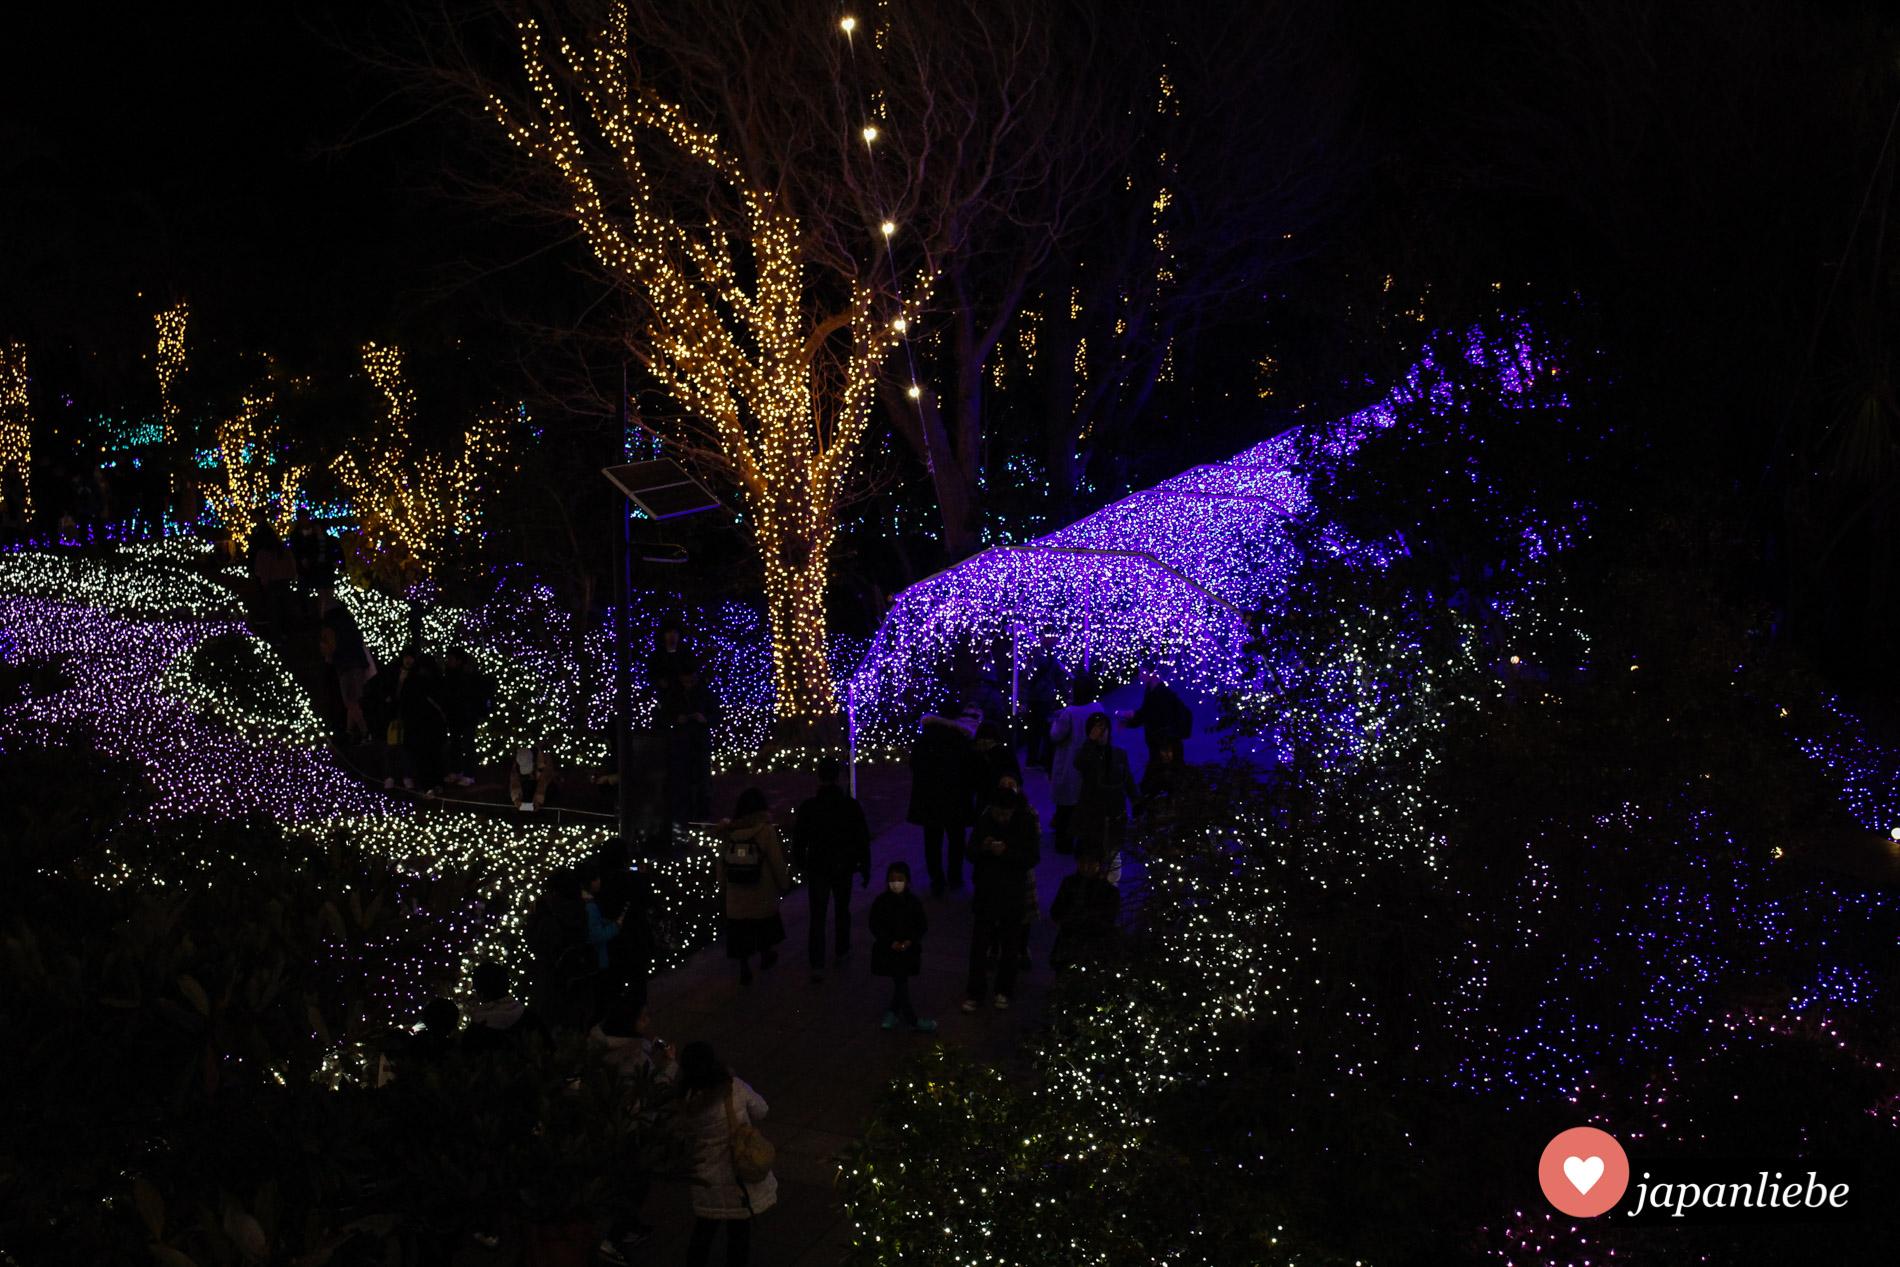 Um den Jahreswechsel wird der Smuel Coccking Garten auf Enoshima herrlich beleuchtet.